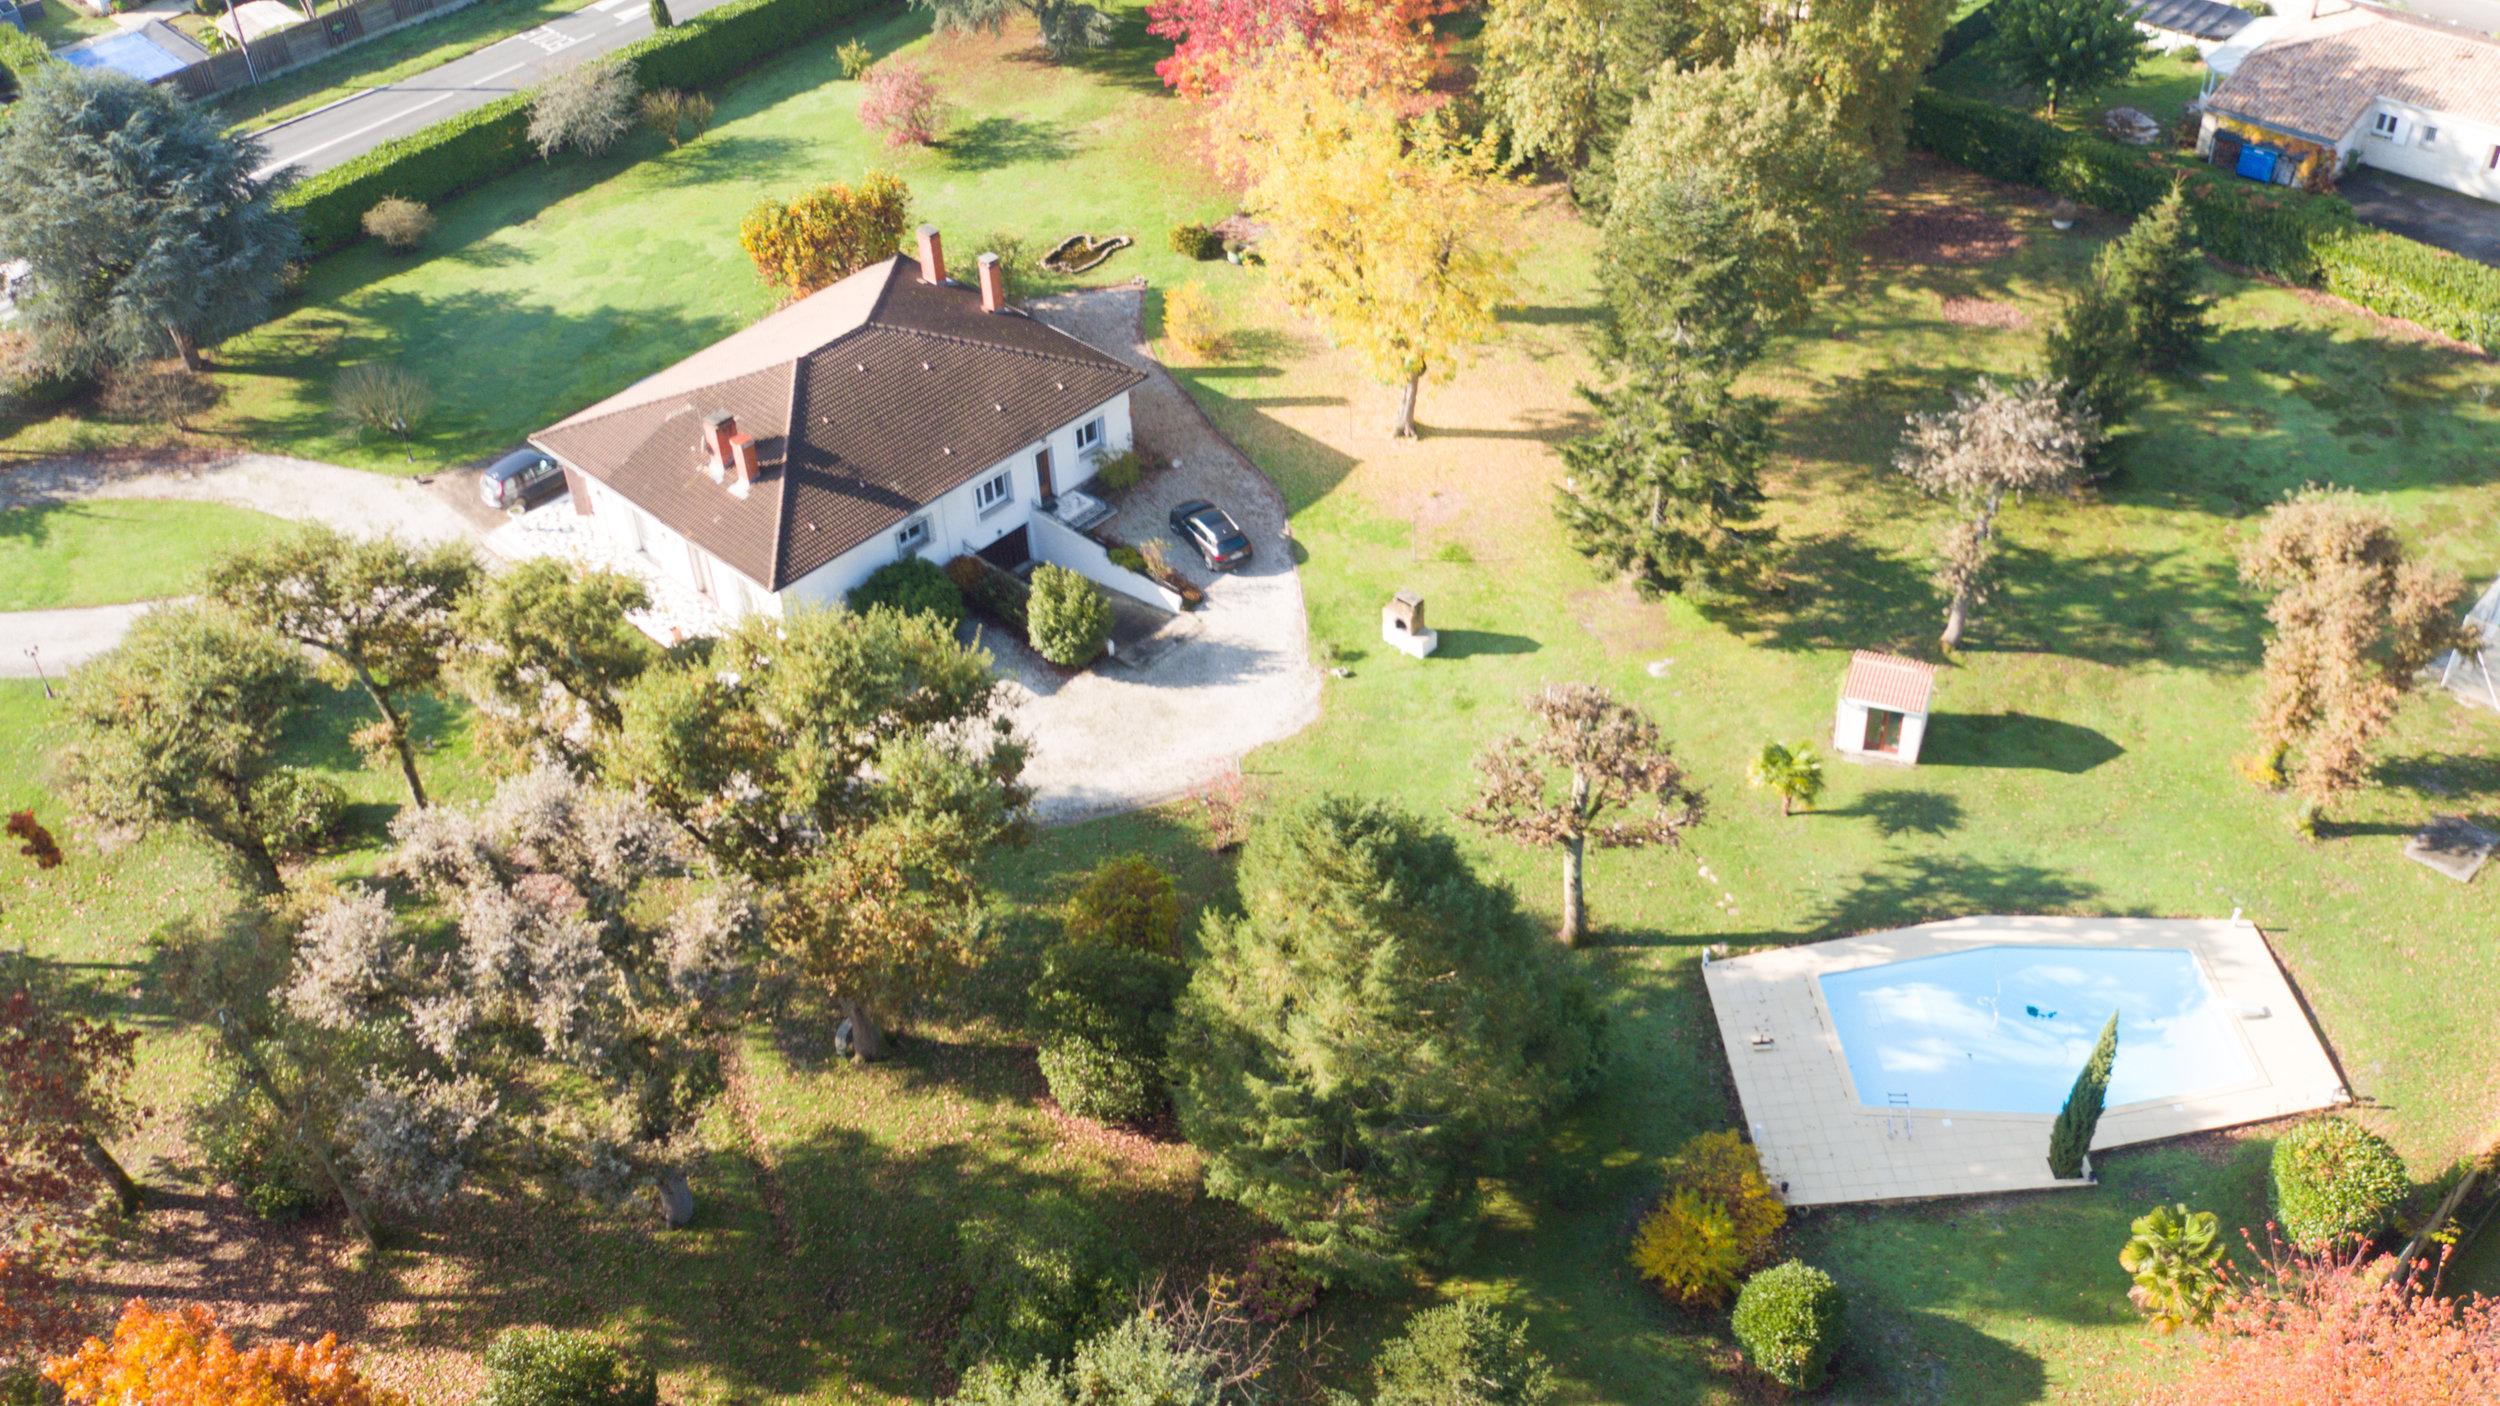 Maison de 180 m2, piscine sur terrain arboré d'un hectare